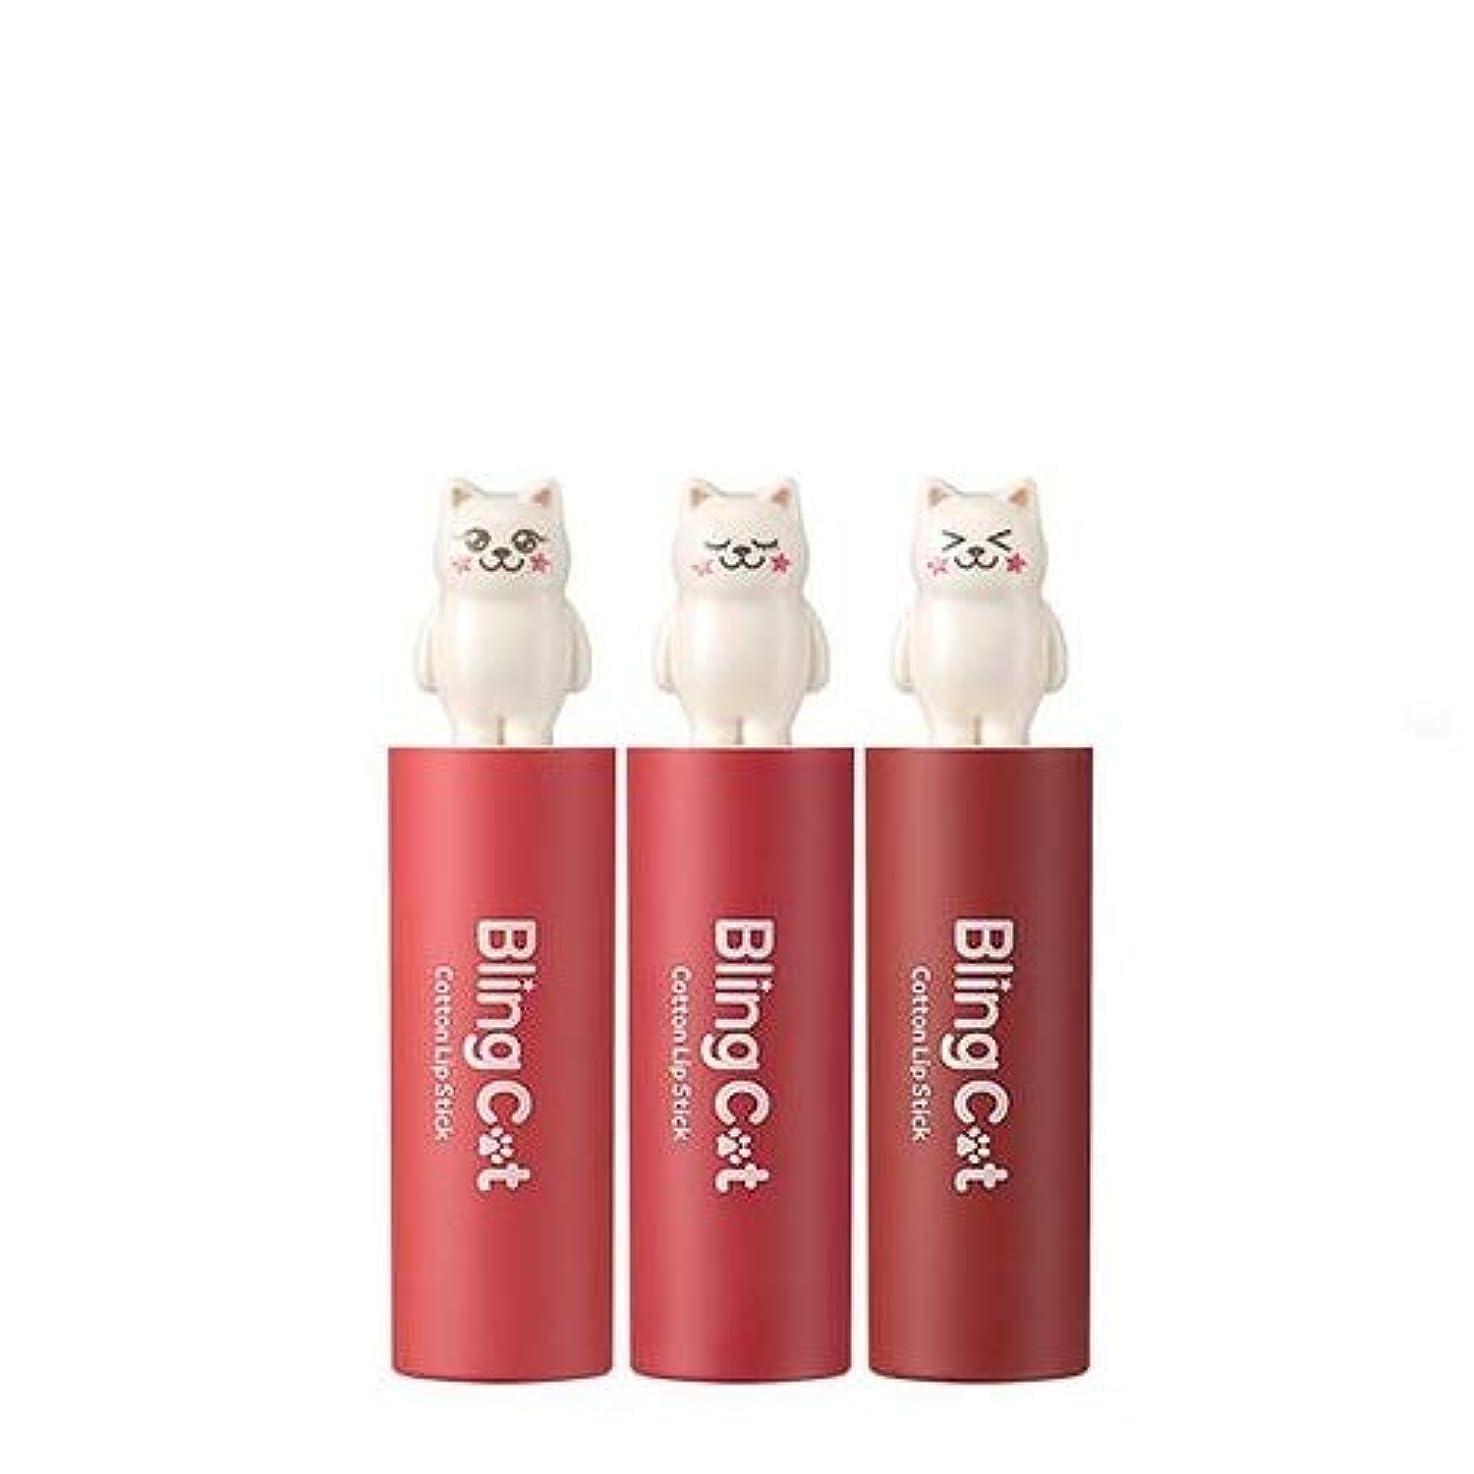 菊マーキング等価トニーモリー ブリングキャット コットン リップスティック 3.4g / TONYMOLY Bling Cat Cotton Lipstick # 03. Stay Darling [並行輸入品]